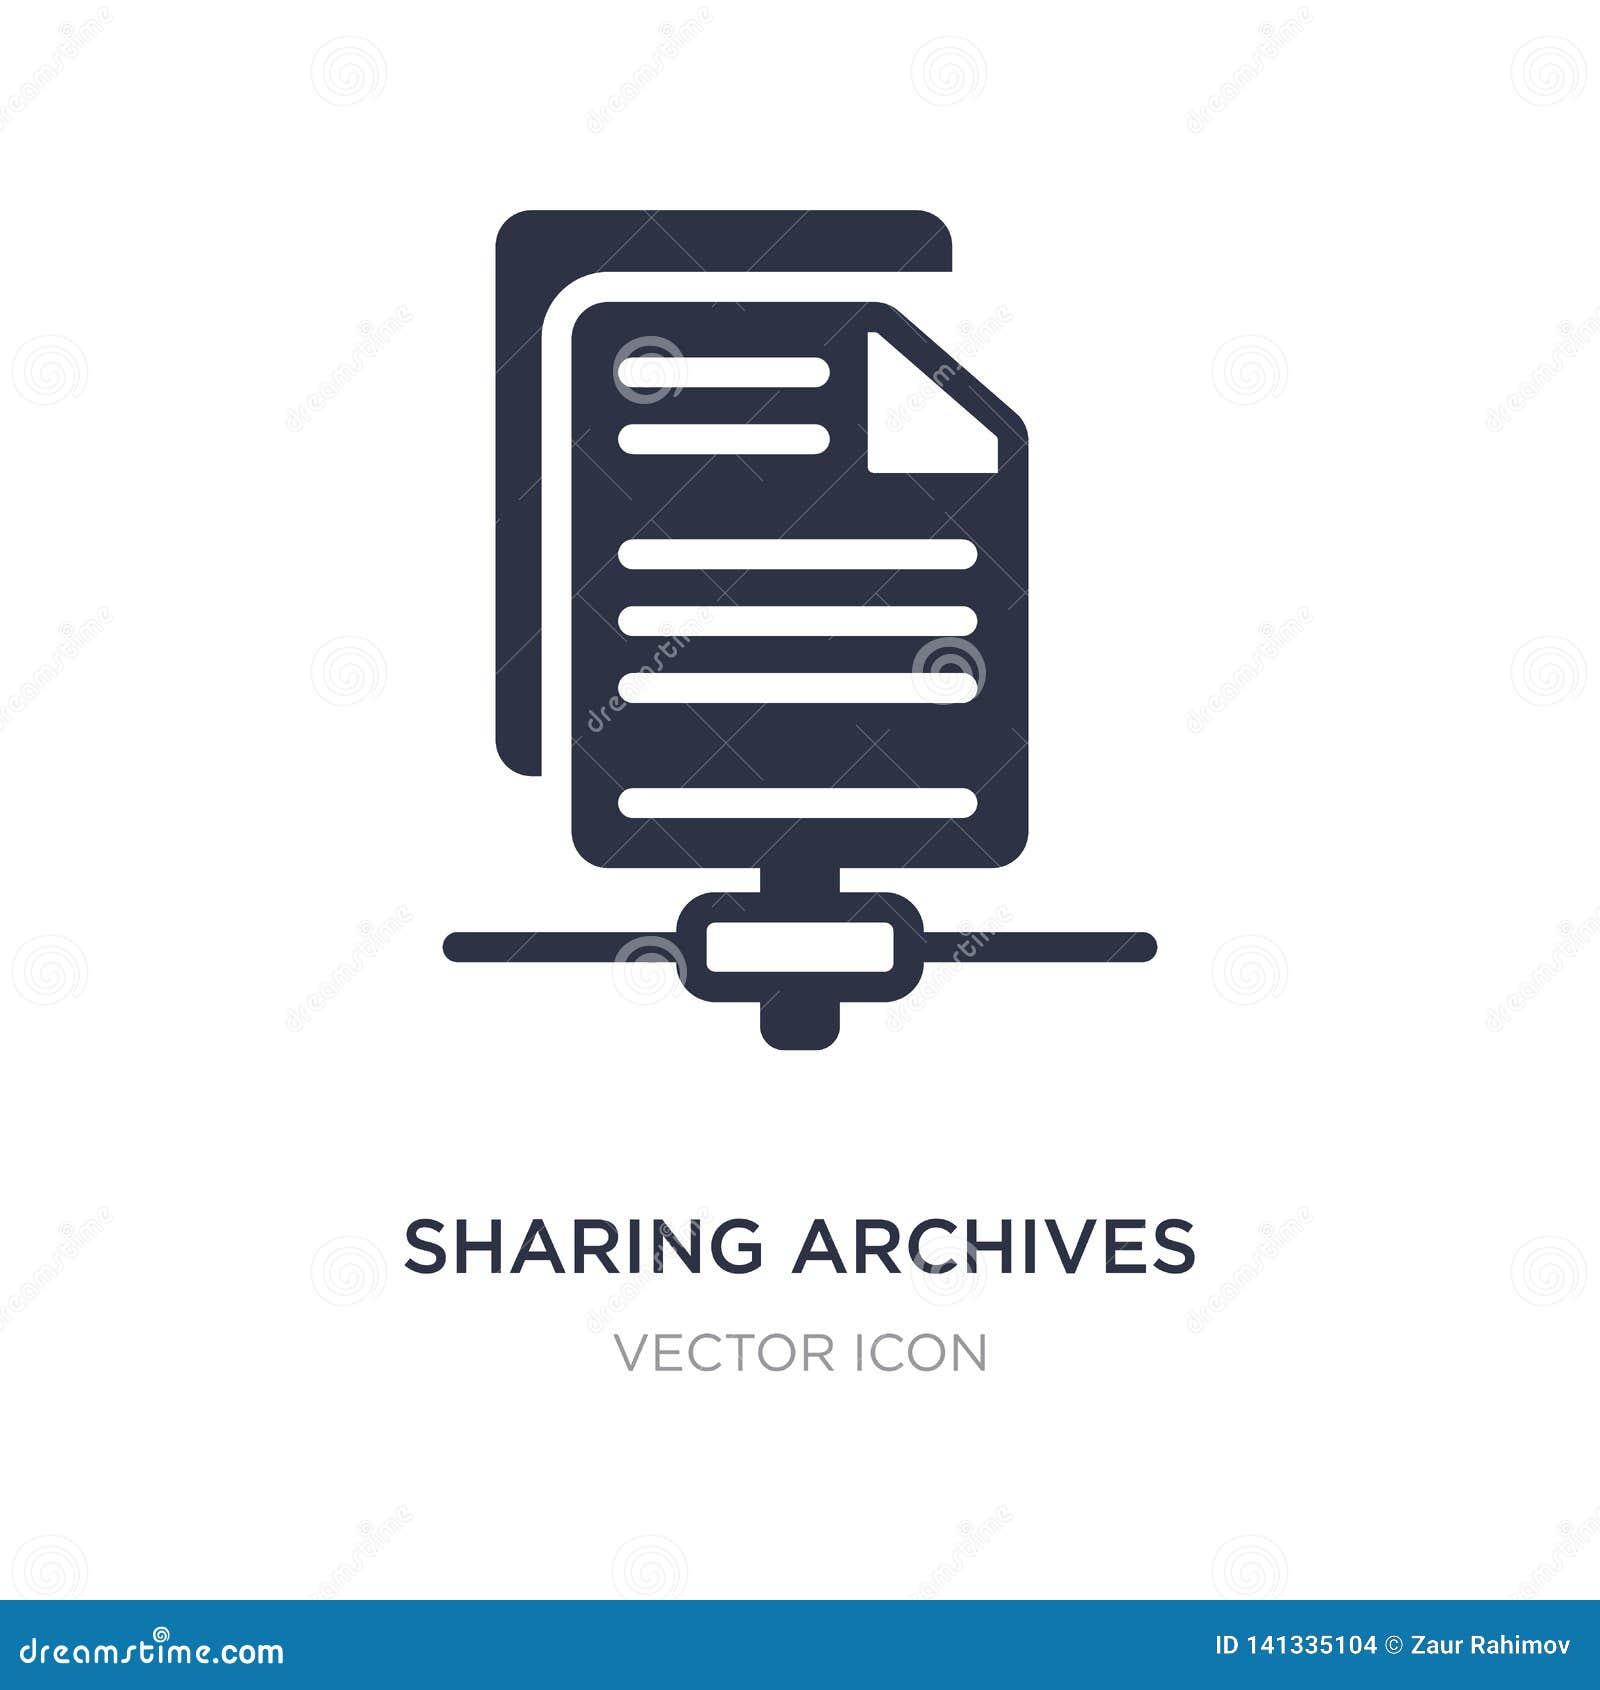 διανομή του εικονιδίου αρχείων στο άσπρο υπόβαθρο Απλή απεικόνιση στοιχείων από την έννοια βελτιστοποίησης μηχανών αναζήτησης